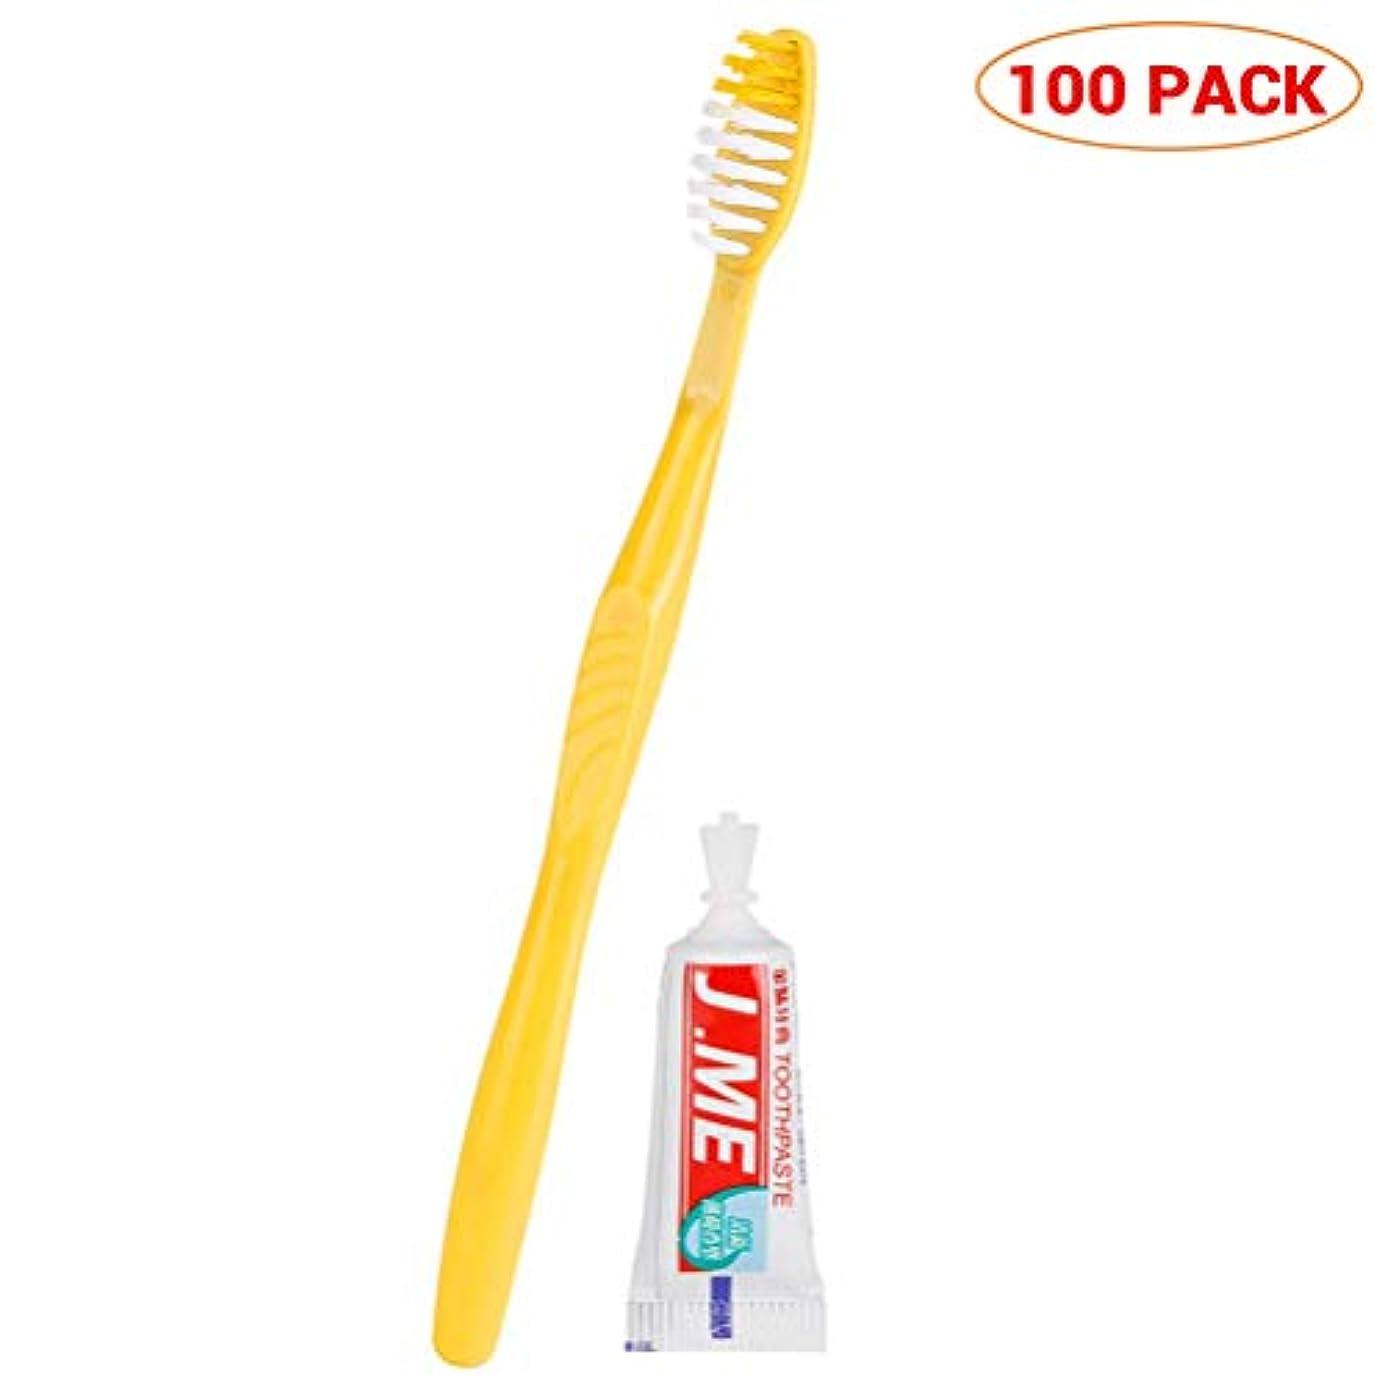 後退する石膏それにもかかわらずURHOMY 100セット歯磨き粉セットポータブル歯磨きキット付き使い捨て歯ブラシ